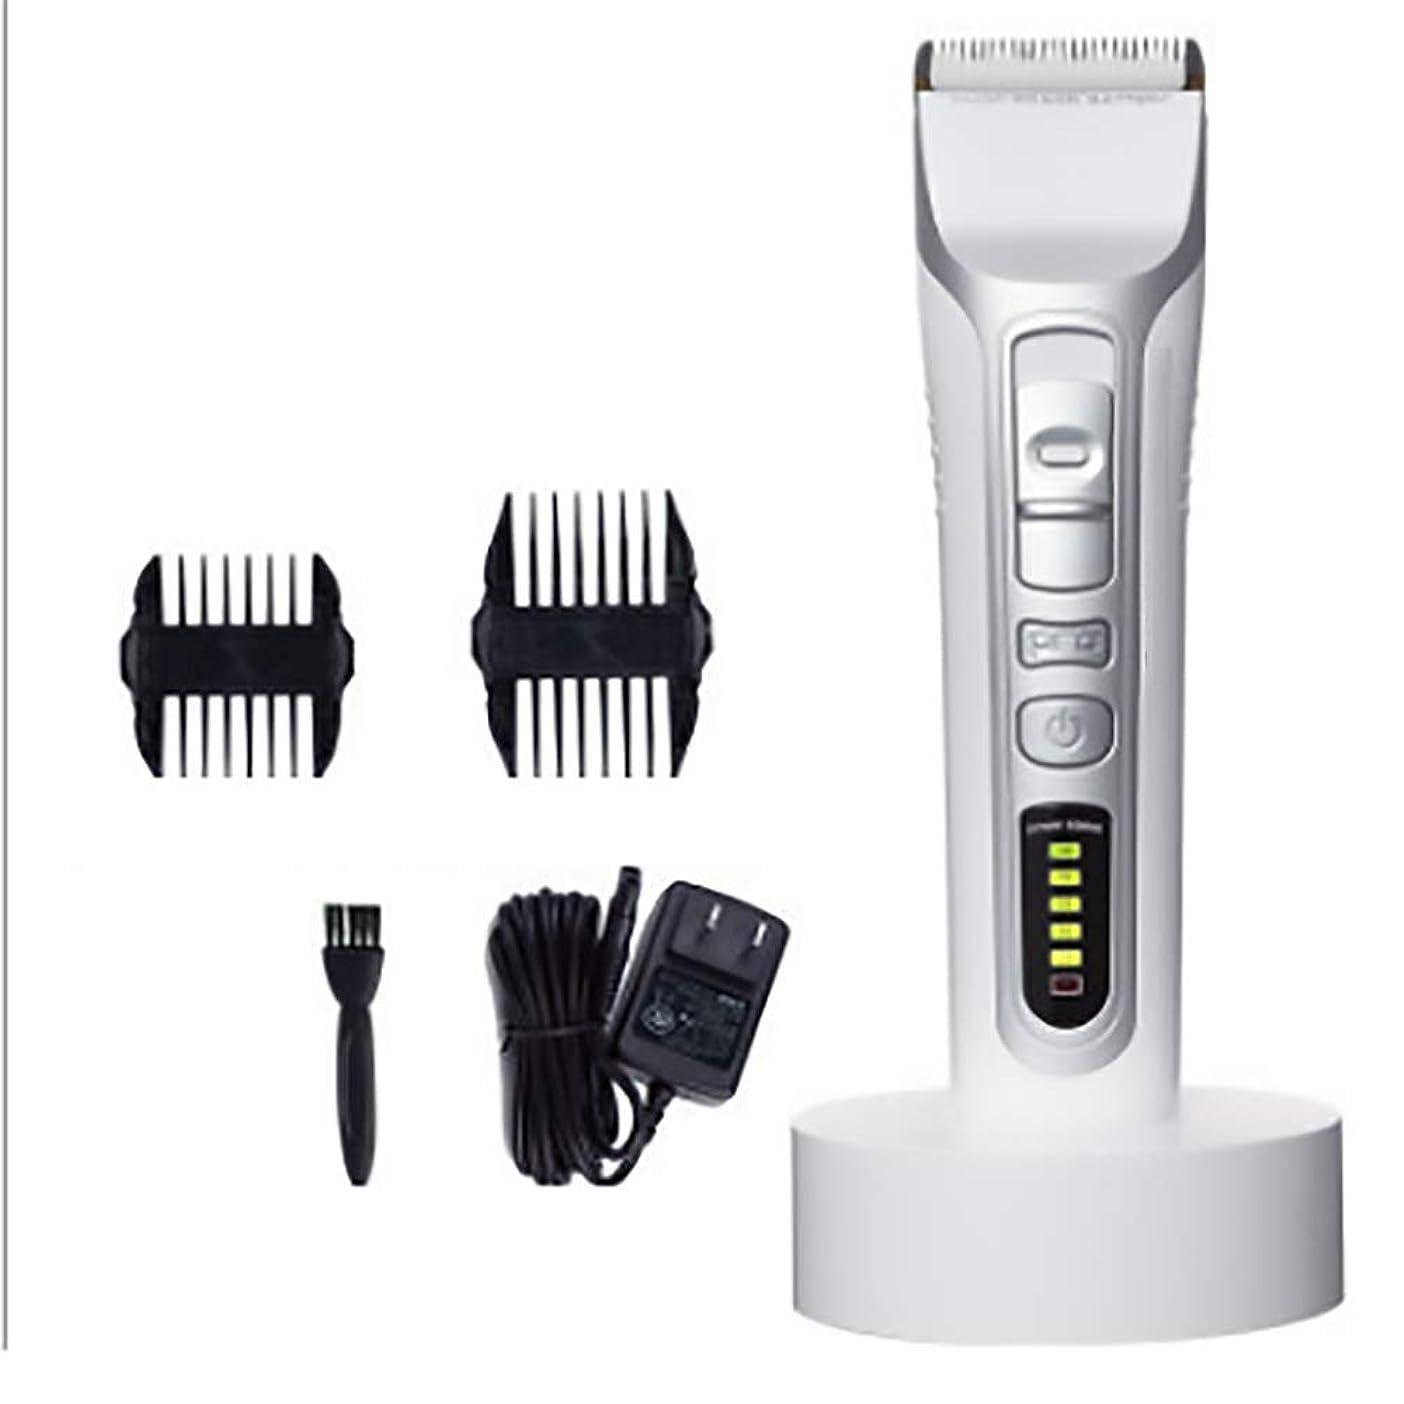 ツールイーウェル解任Hair Clippers、プロフェッショナル充電式コードレス電動ヘアトリマー、低ノイズヒゲトリマー、ヘアカットキット、男性用多目的ヘアカット